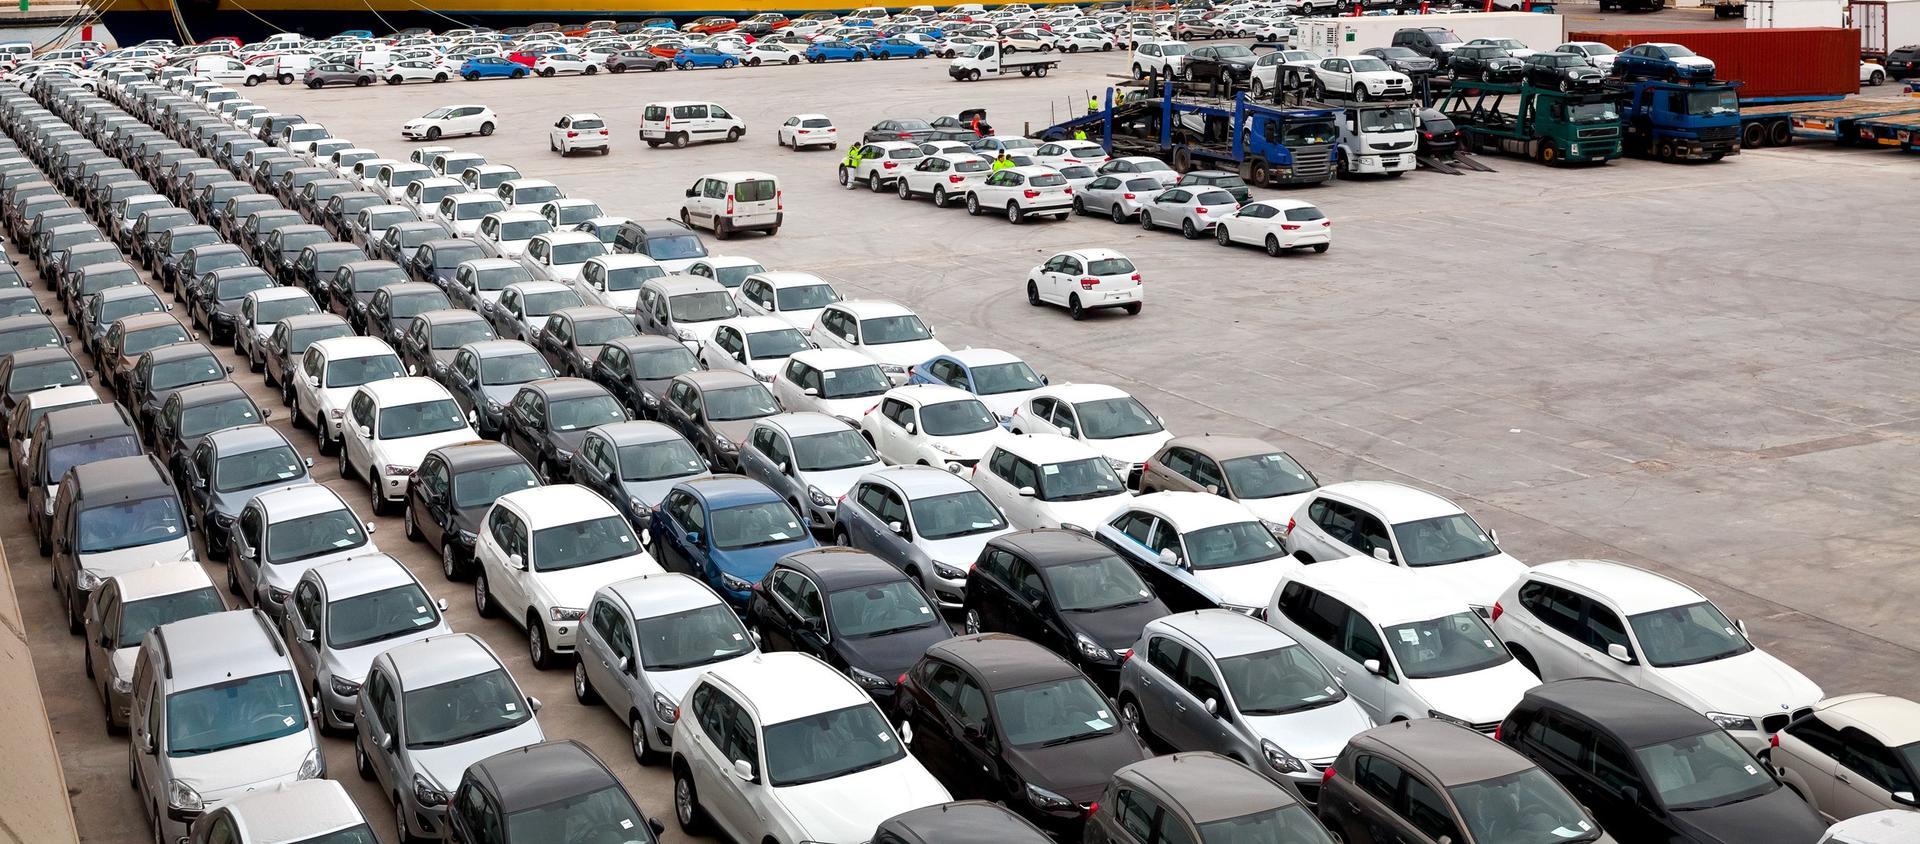 Vorteile für Fahrzeug-Großhändler - B2B Autohandel für Großhändler und Lieferanten